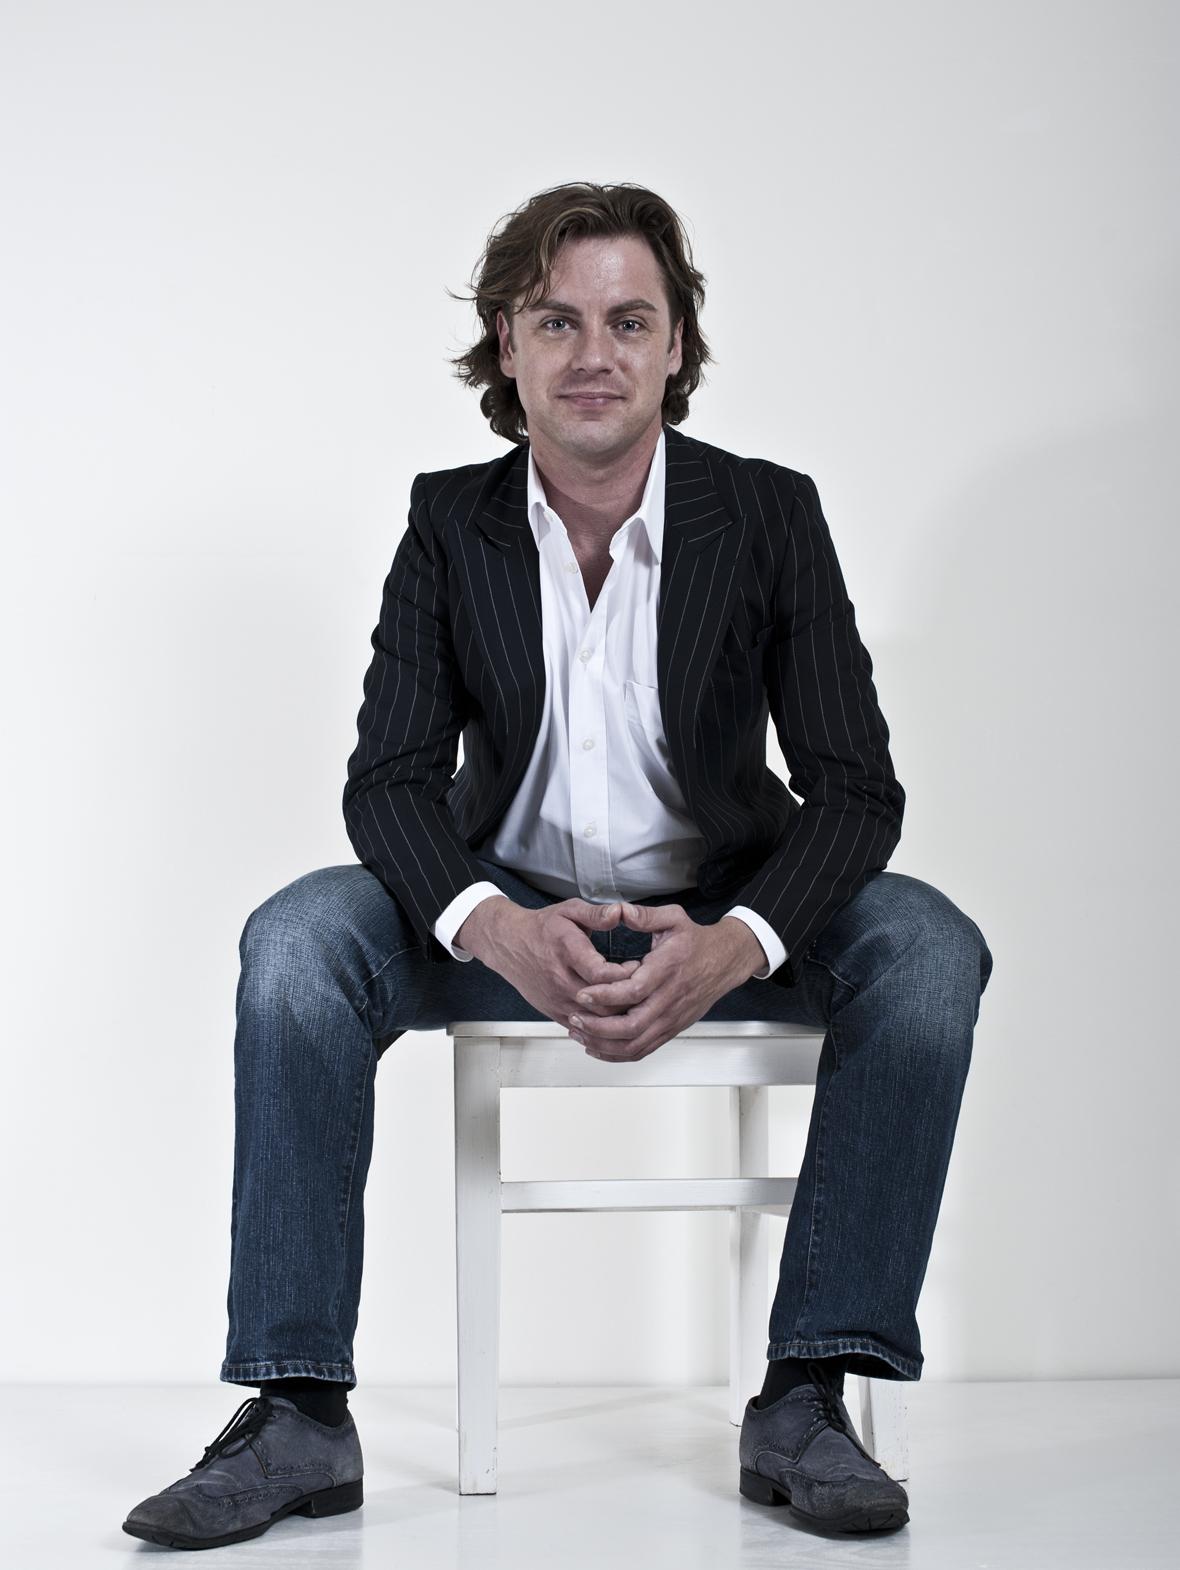 Presentatie door goochelaar Martijn Martell